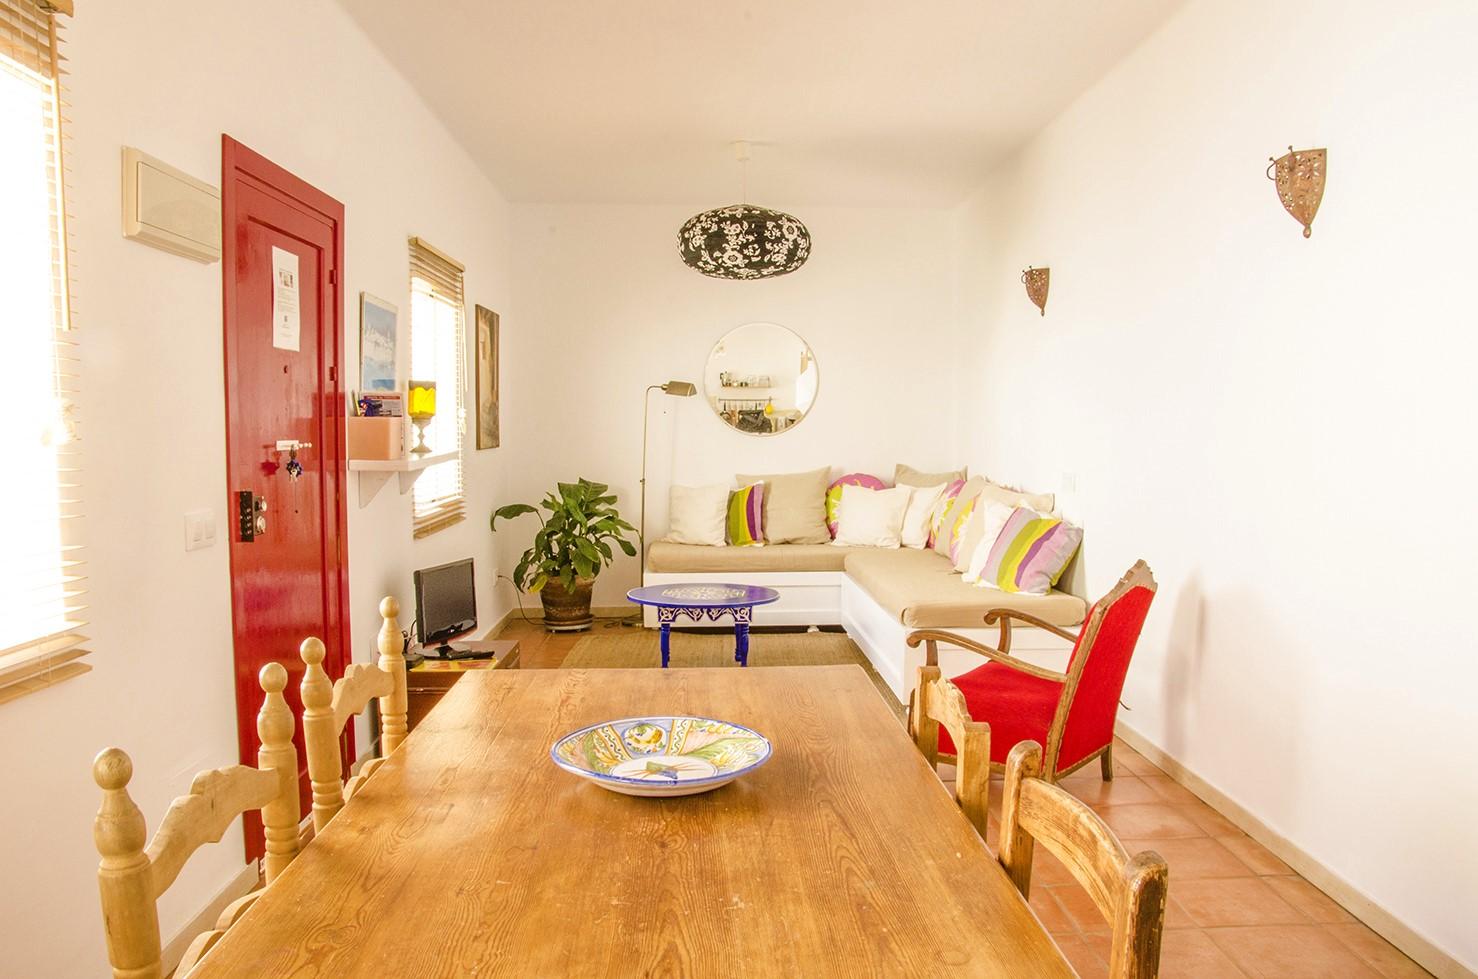 Maravilloso apartamento en el casco antiguo de Tarifa